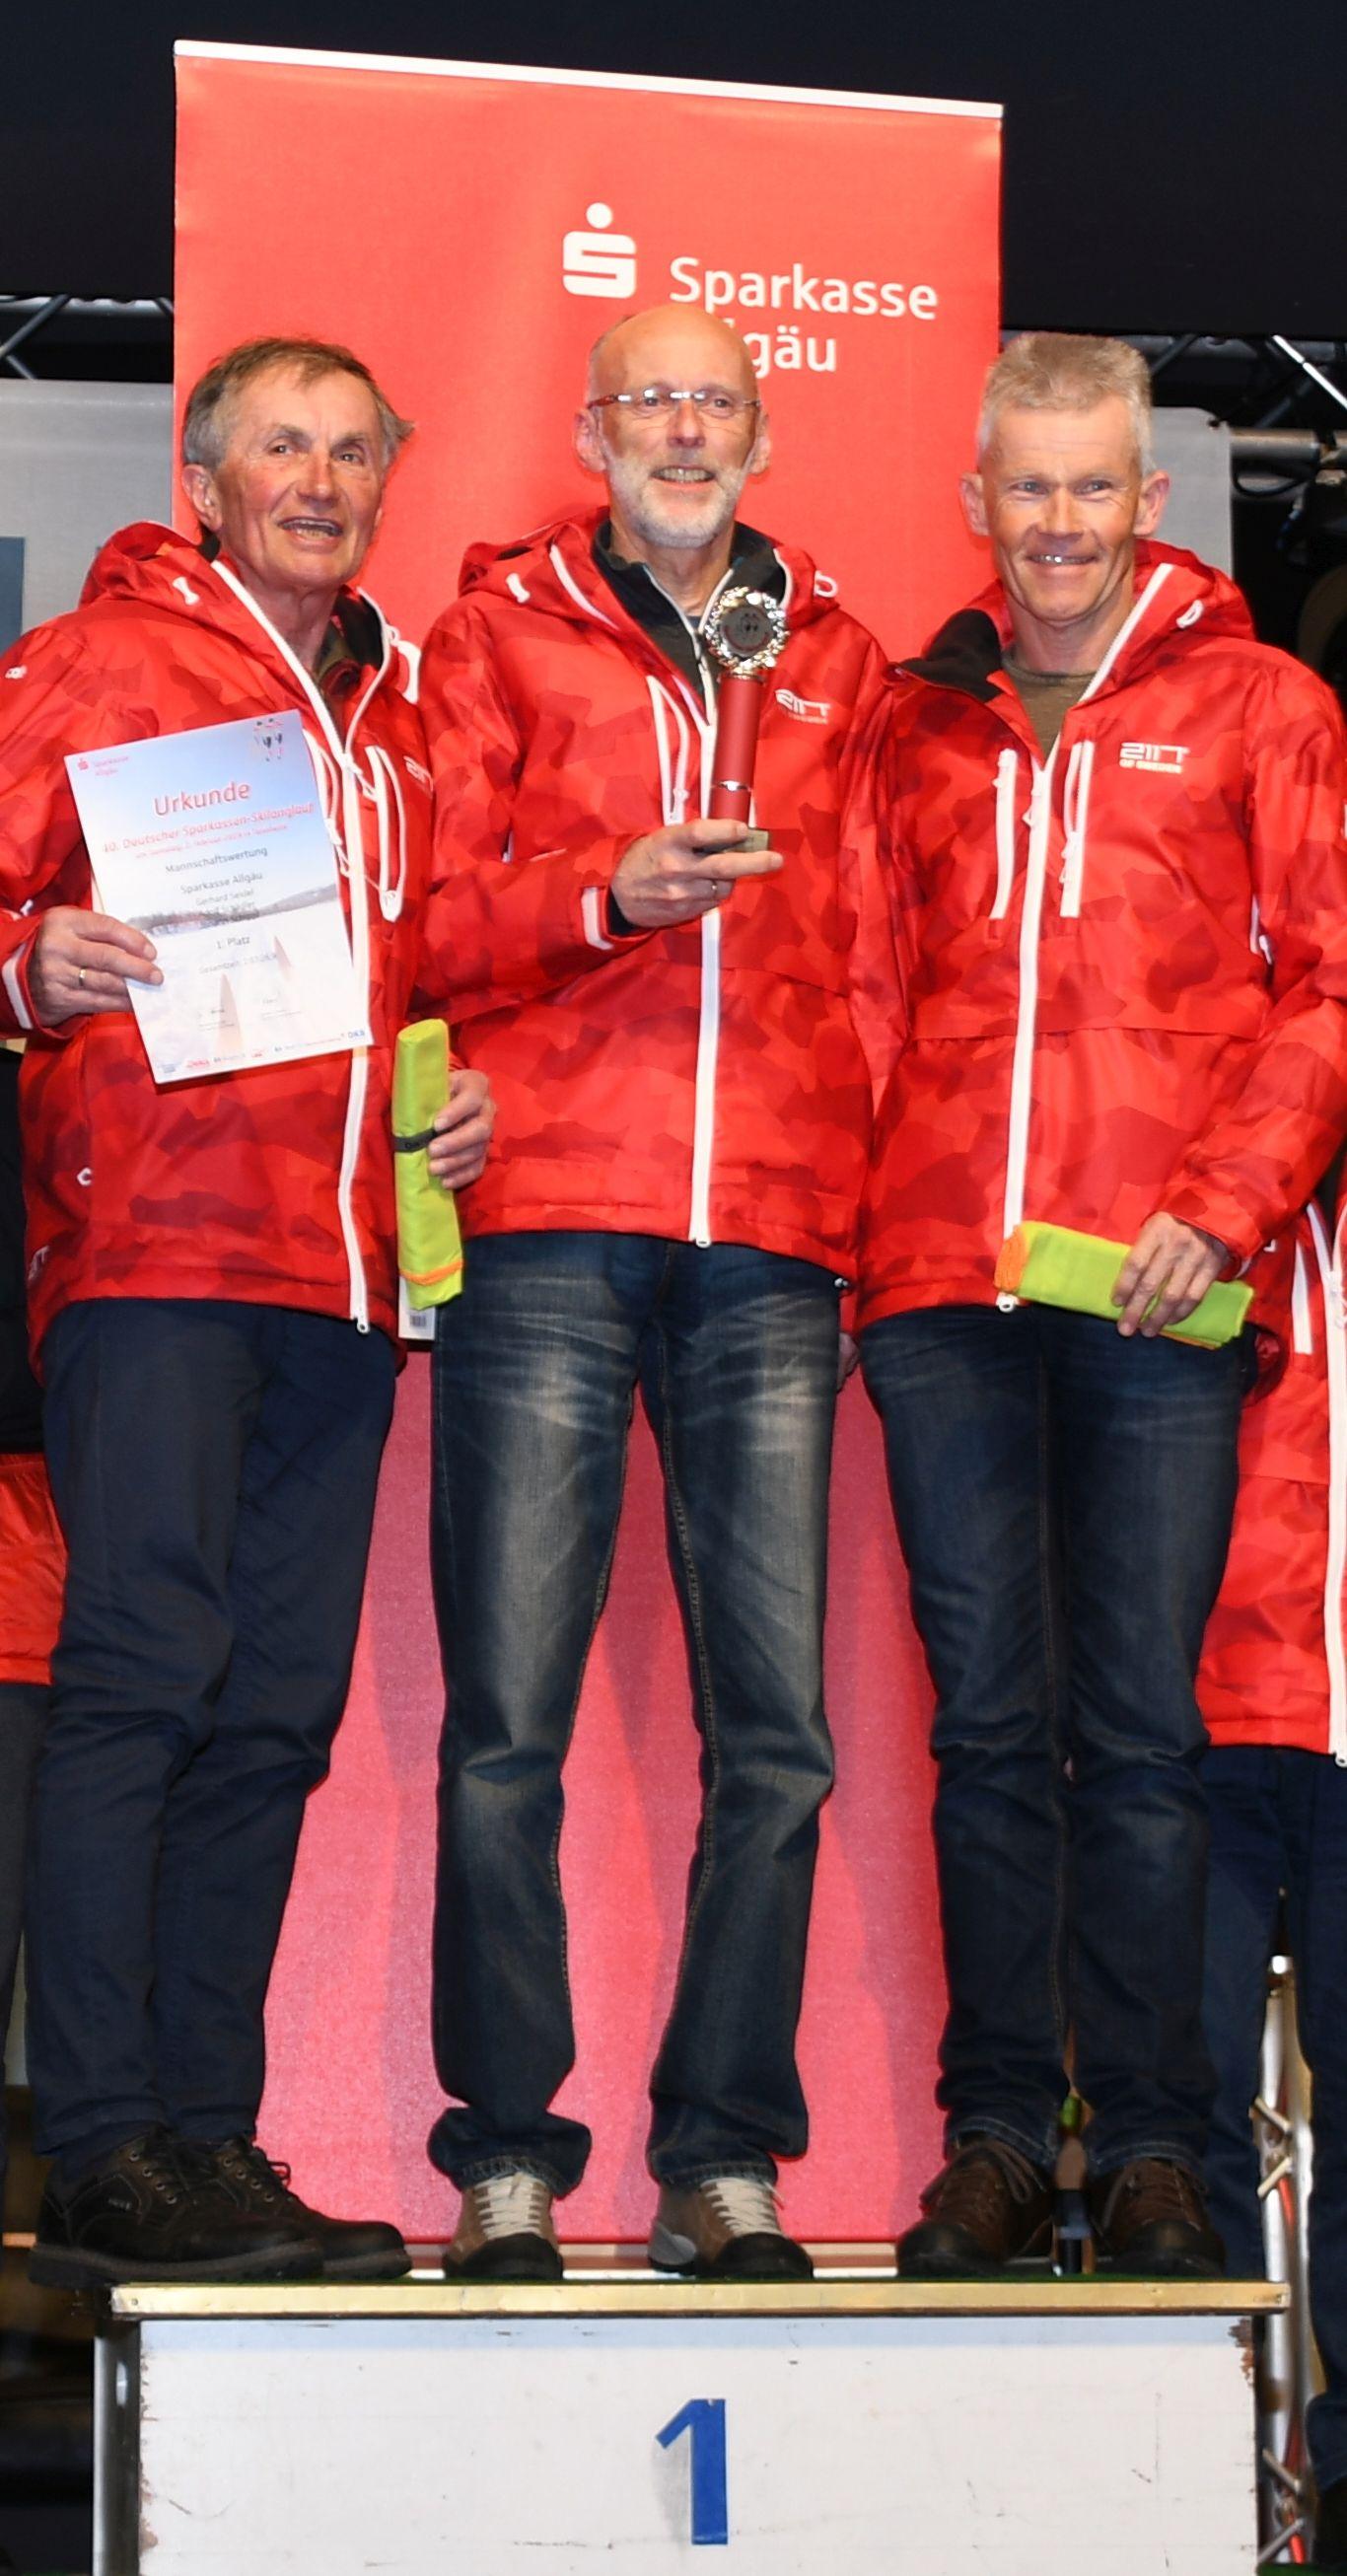 Gold für die Senioren-Mannschaft der Sparkasse Allgäu: Hans Schippl, Adolf Schädler und Gerhard Seidel (v.l.)